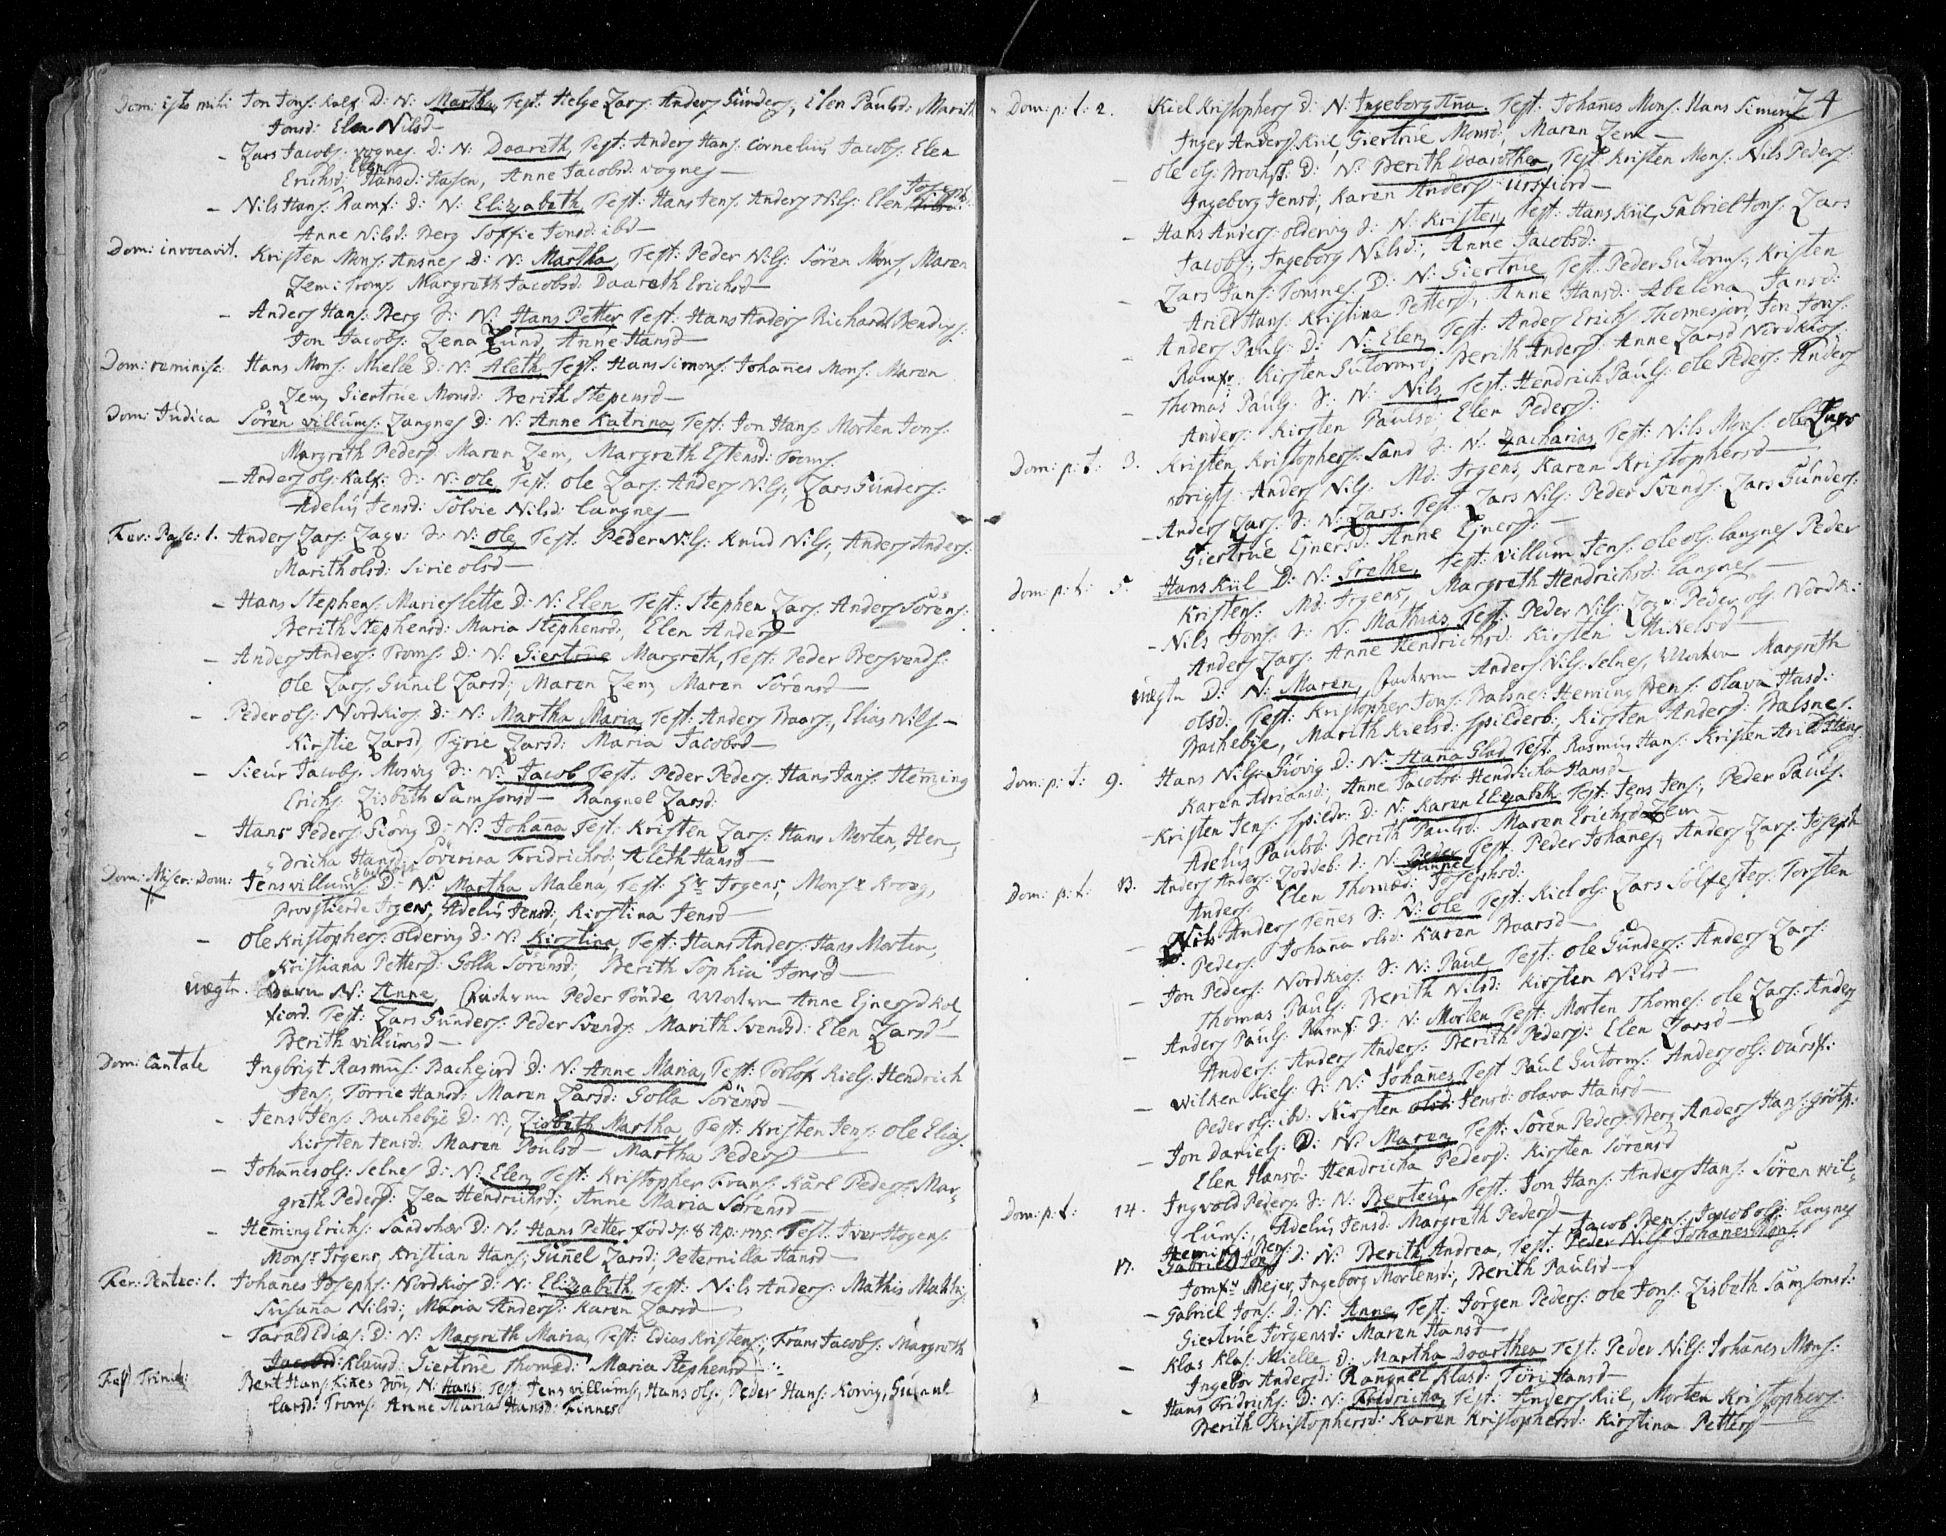 SATØ, Tromsø sokneprestkontor/stiftsprosti/domprosti, G/Ga/L0002kirke: Ministerialbok nr. 2, 1753-1778, s. 24